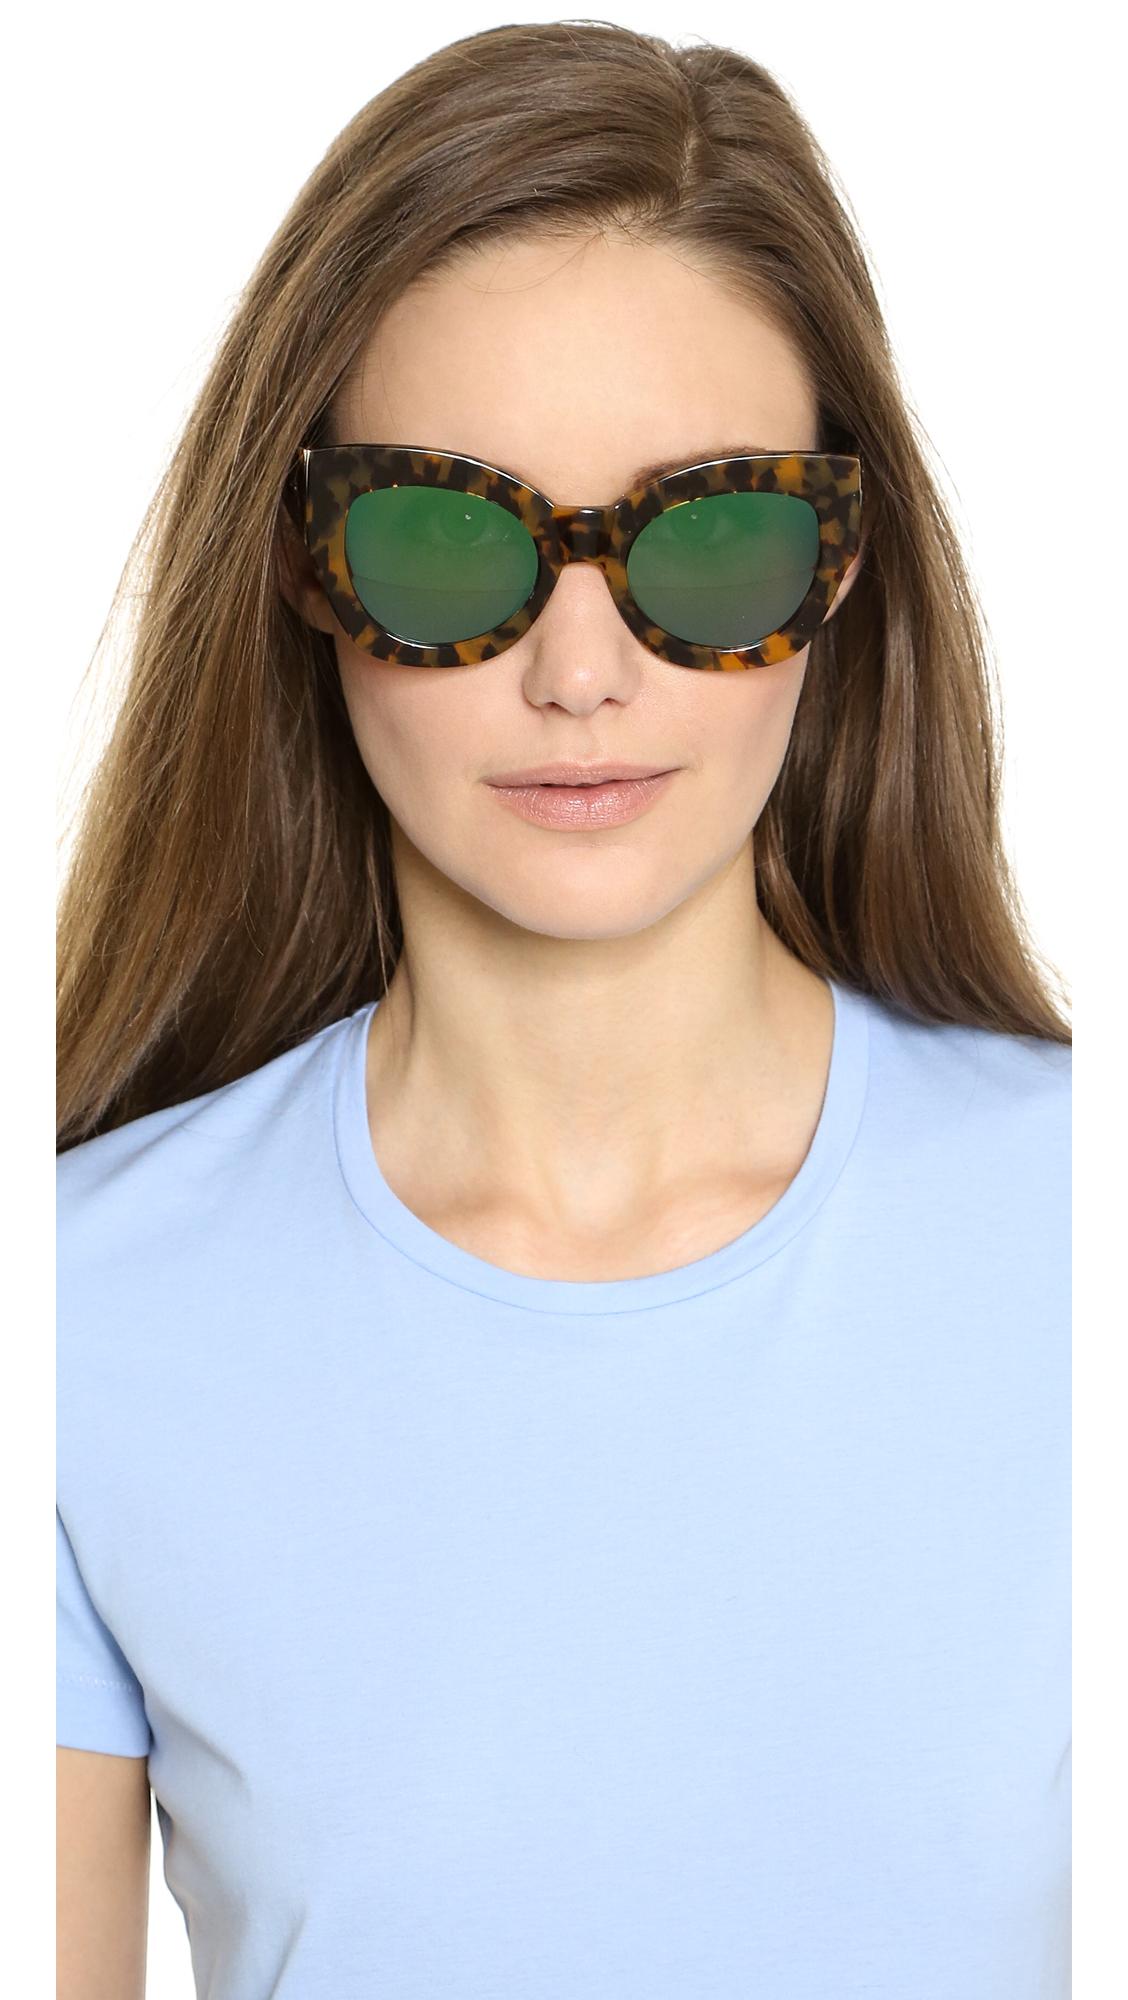 1a34ec8751 Karen Walker Superstars Collection Northern Lights Mirrored Sunglasses    SHOPBOP